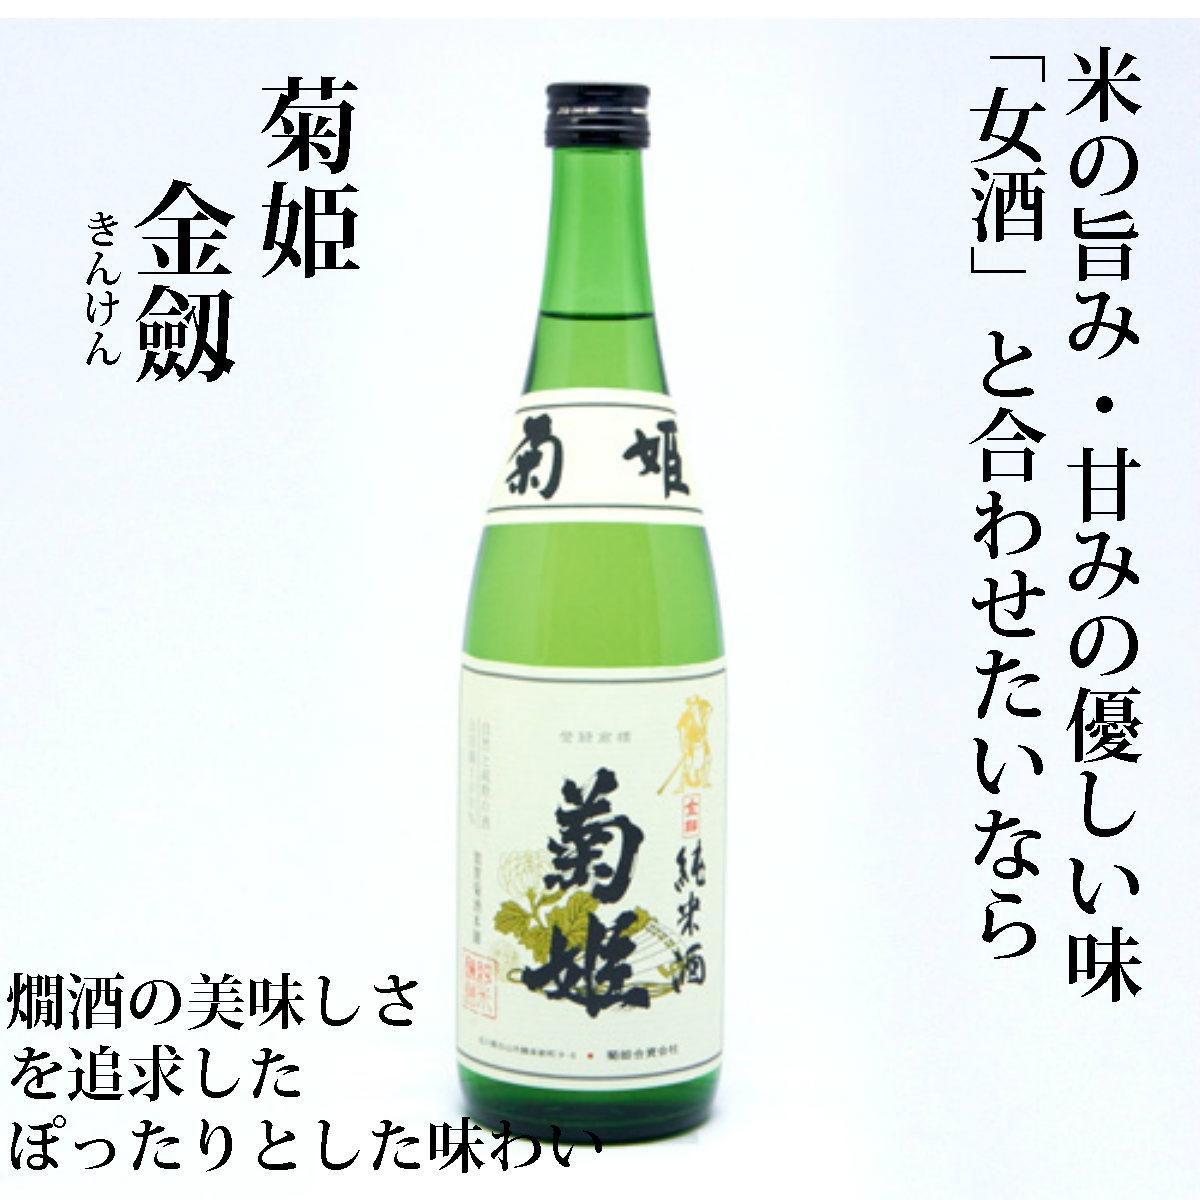 米の柔らかな旨み 甘みが生きたぽったりとした味わいで 飲みやすさと調和しています 菊姫 720ml 純米酒 ☆国内最安値に挑戦☆ 誕生日/お祝い 金劔 清酒